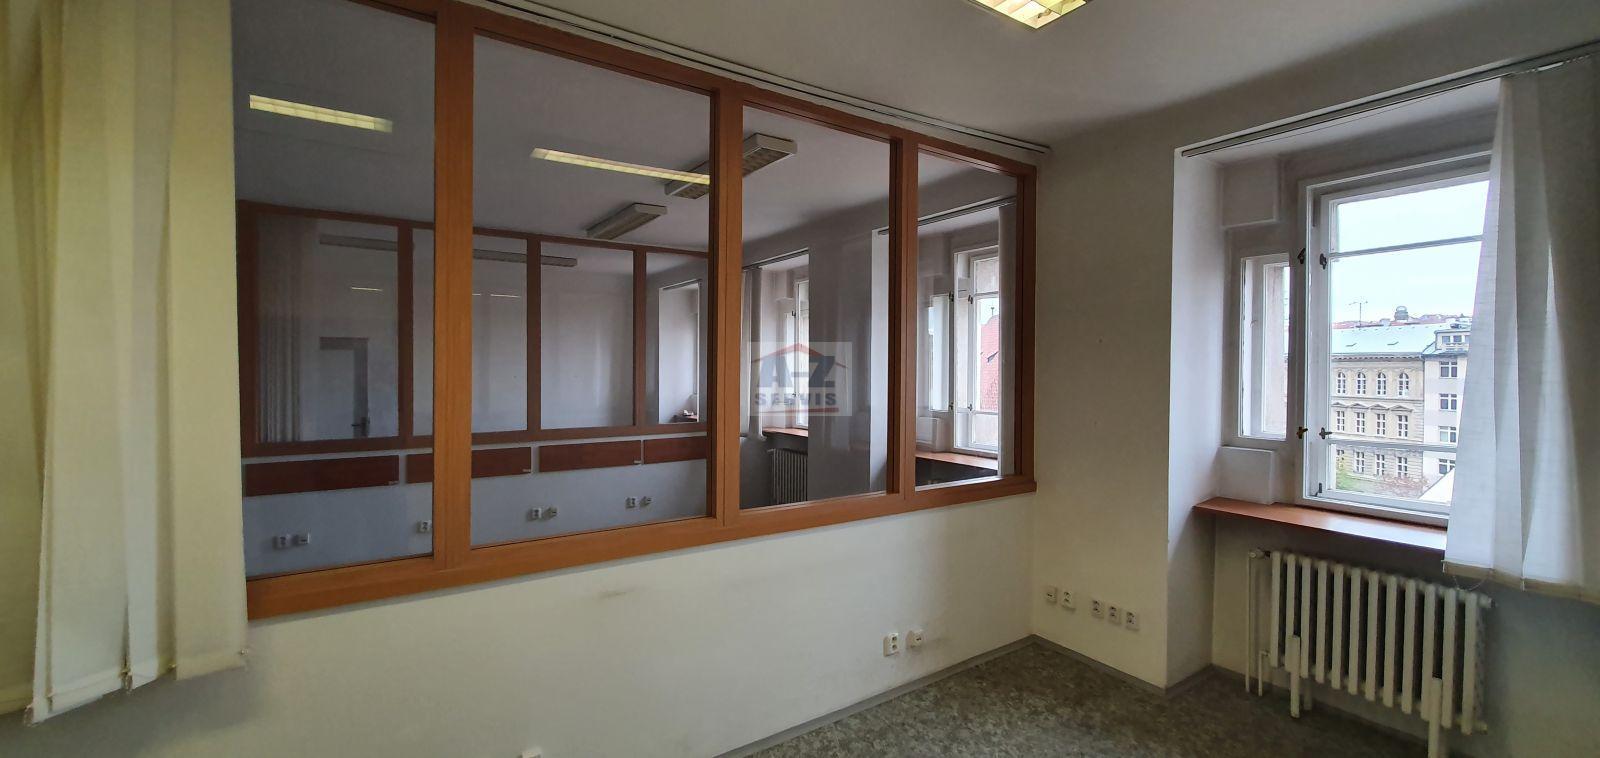 Kancelářské prostory 444 m2 Praha 1- Nové město ulice Jindřišská